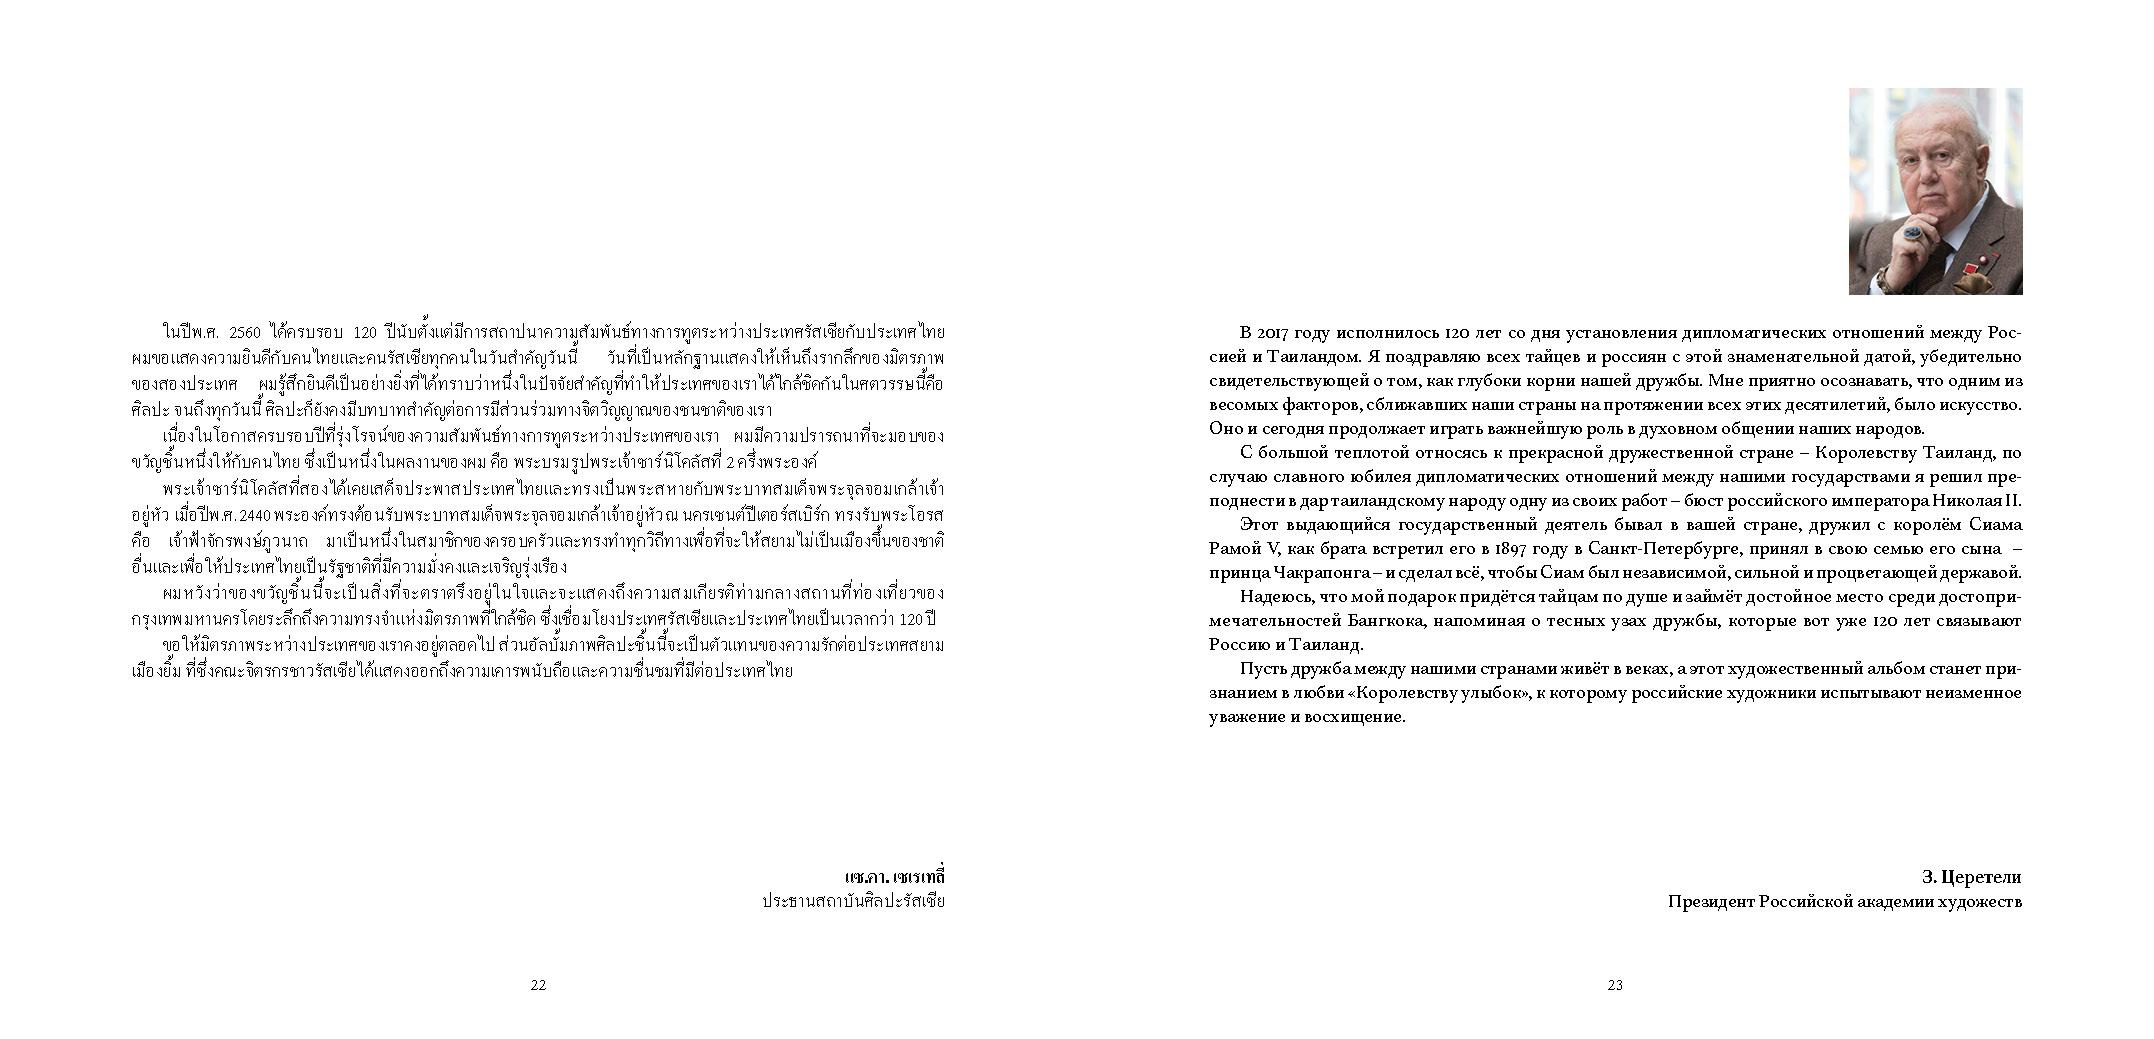 thai_12